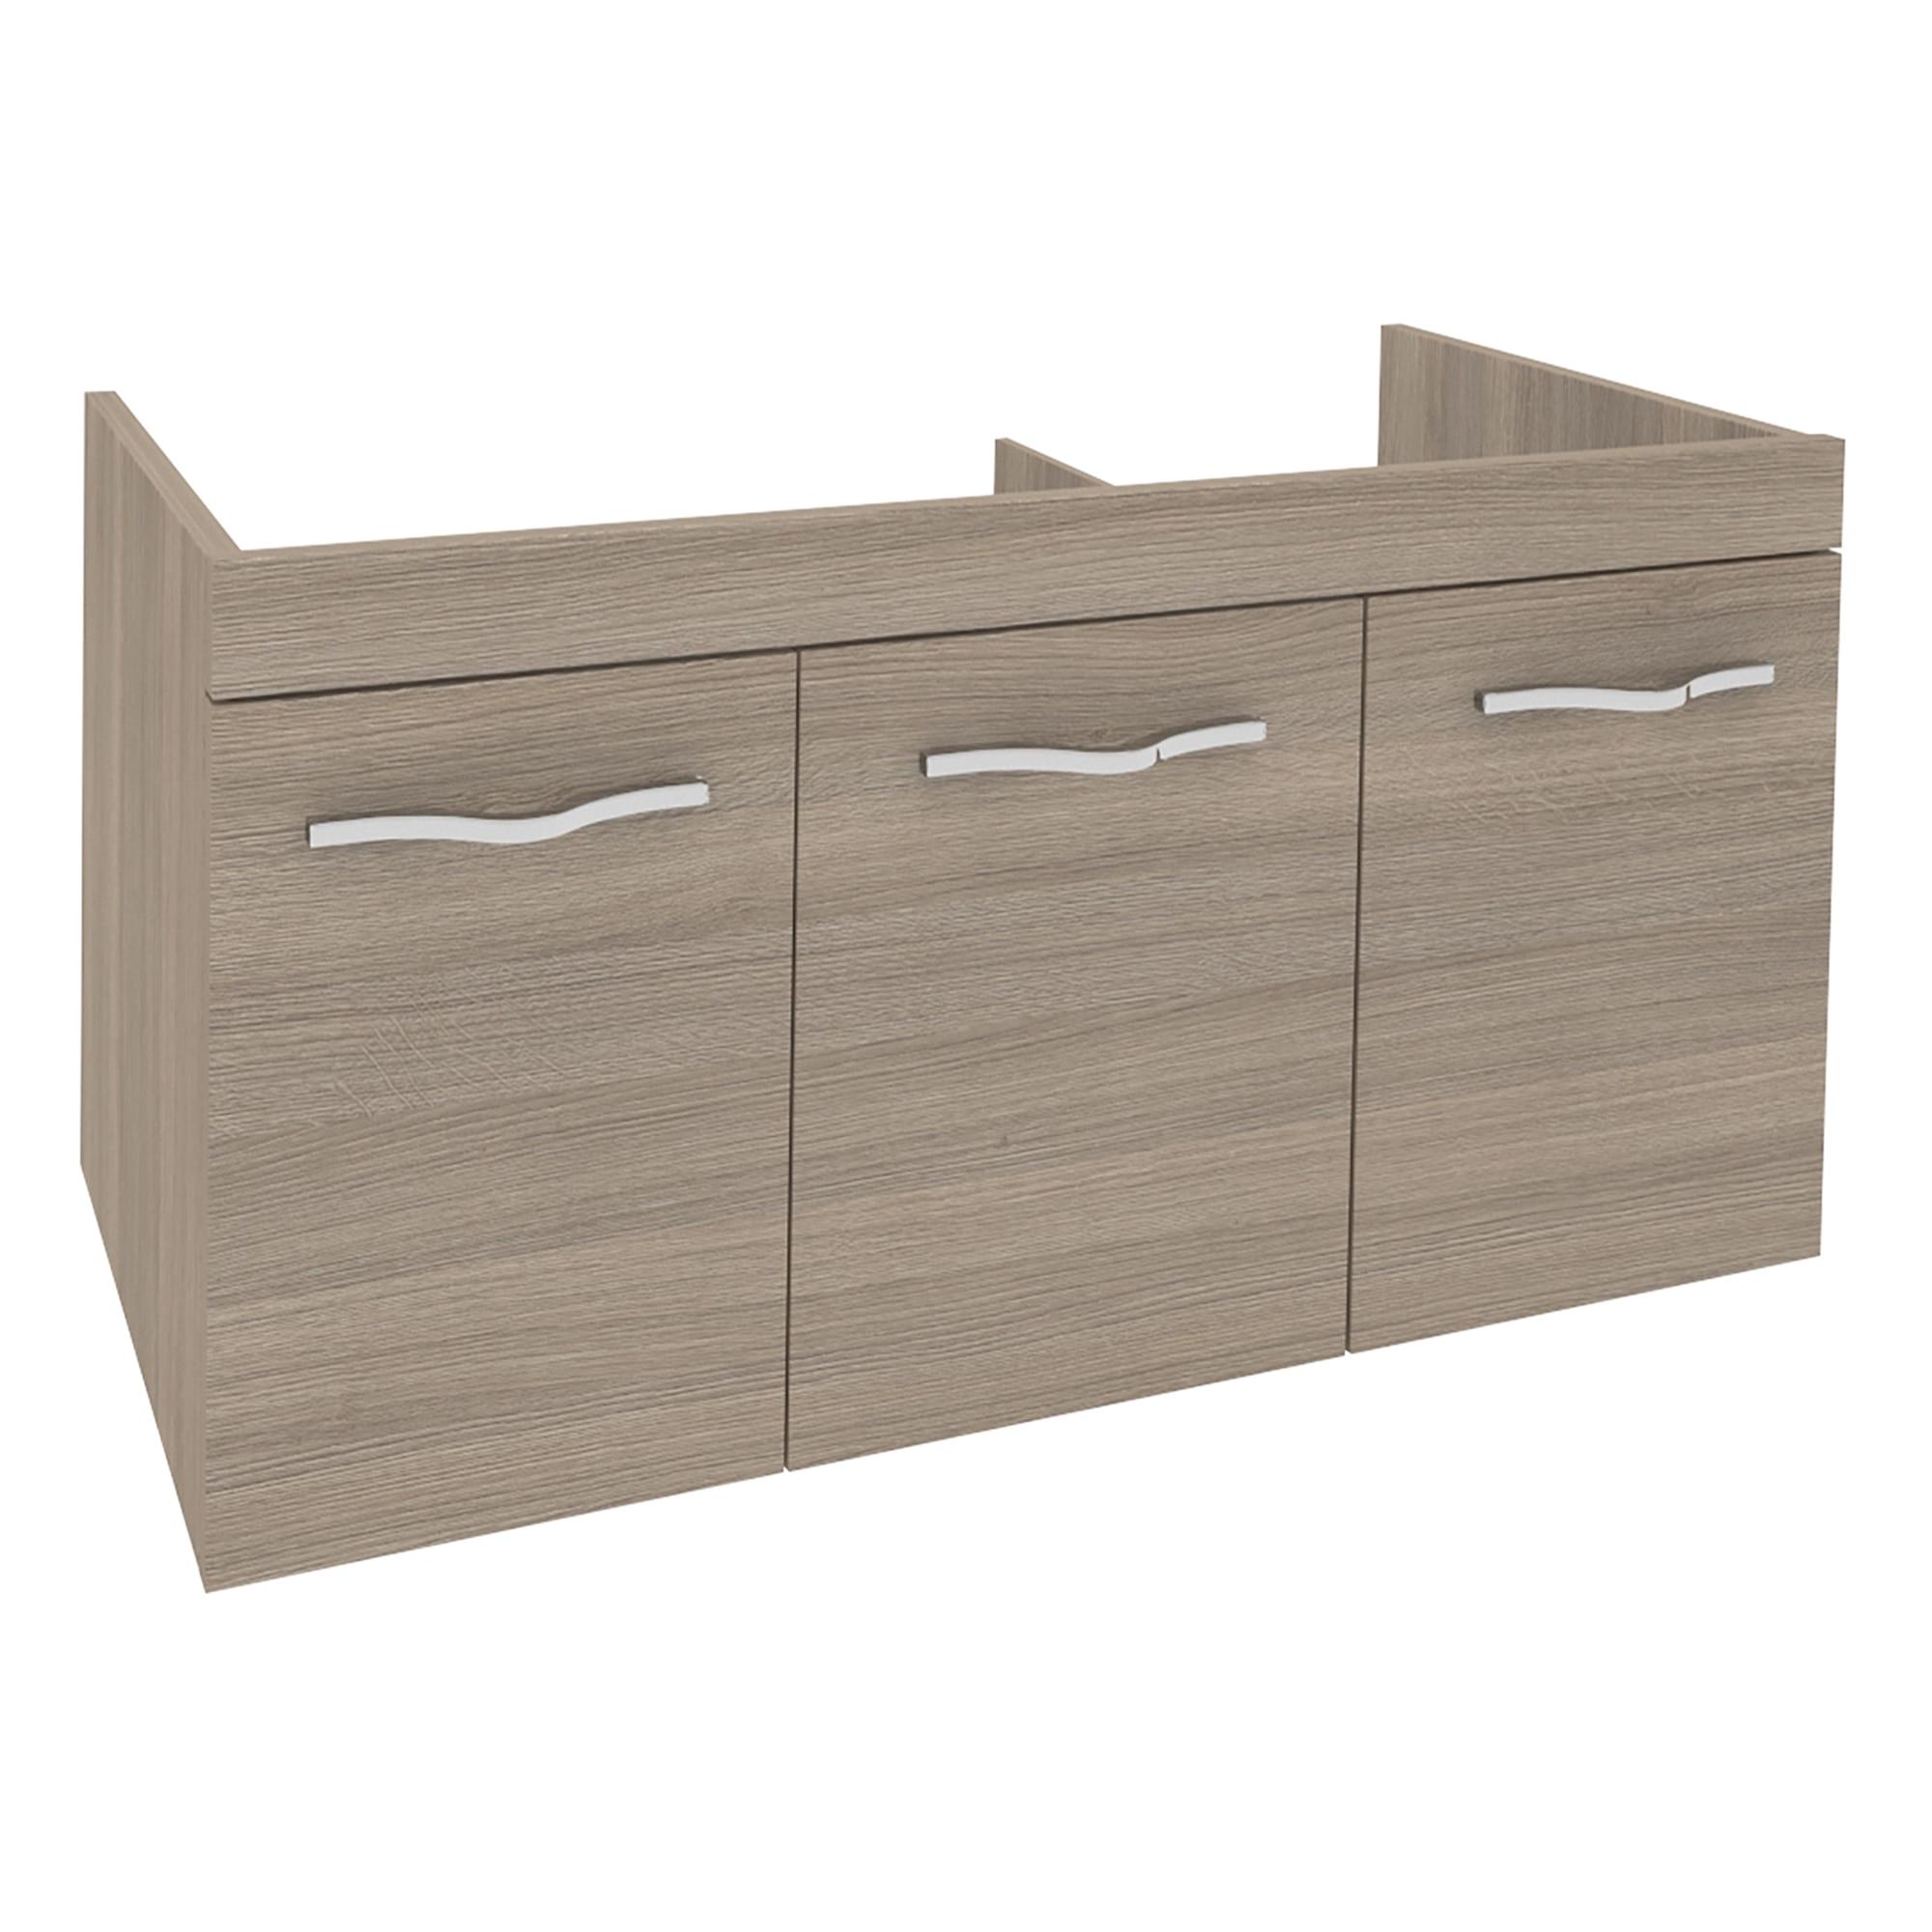 Fotografie Baza mobilier cu trei usi Kring Corallo Fumo, 100x51x46 cm